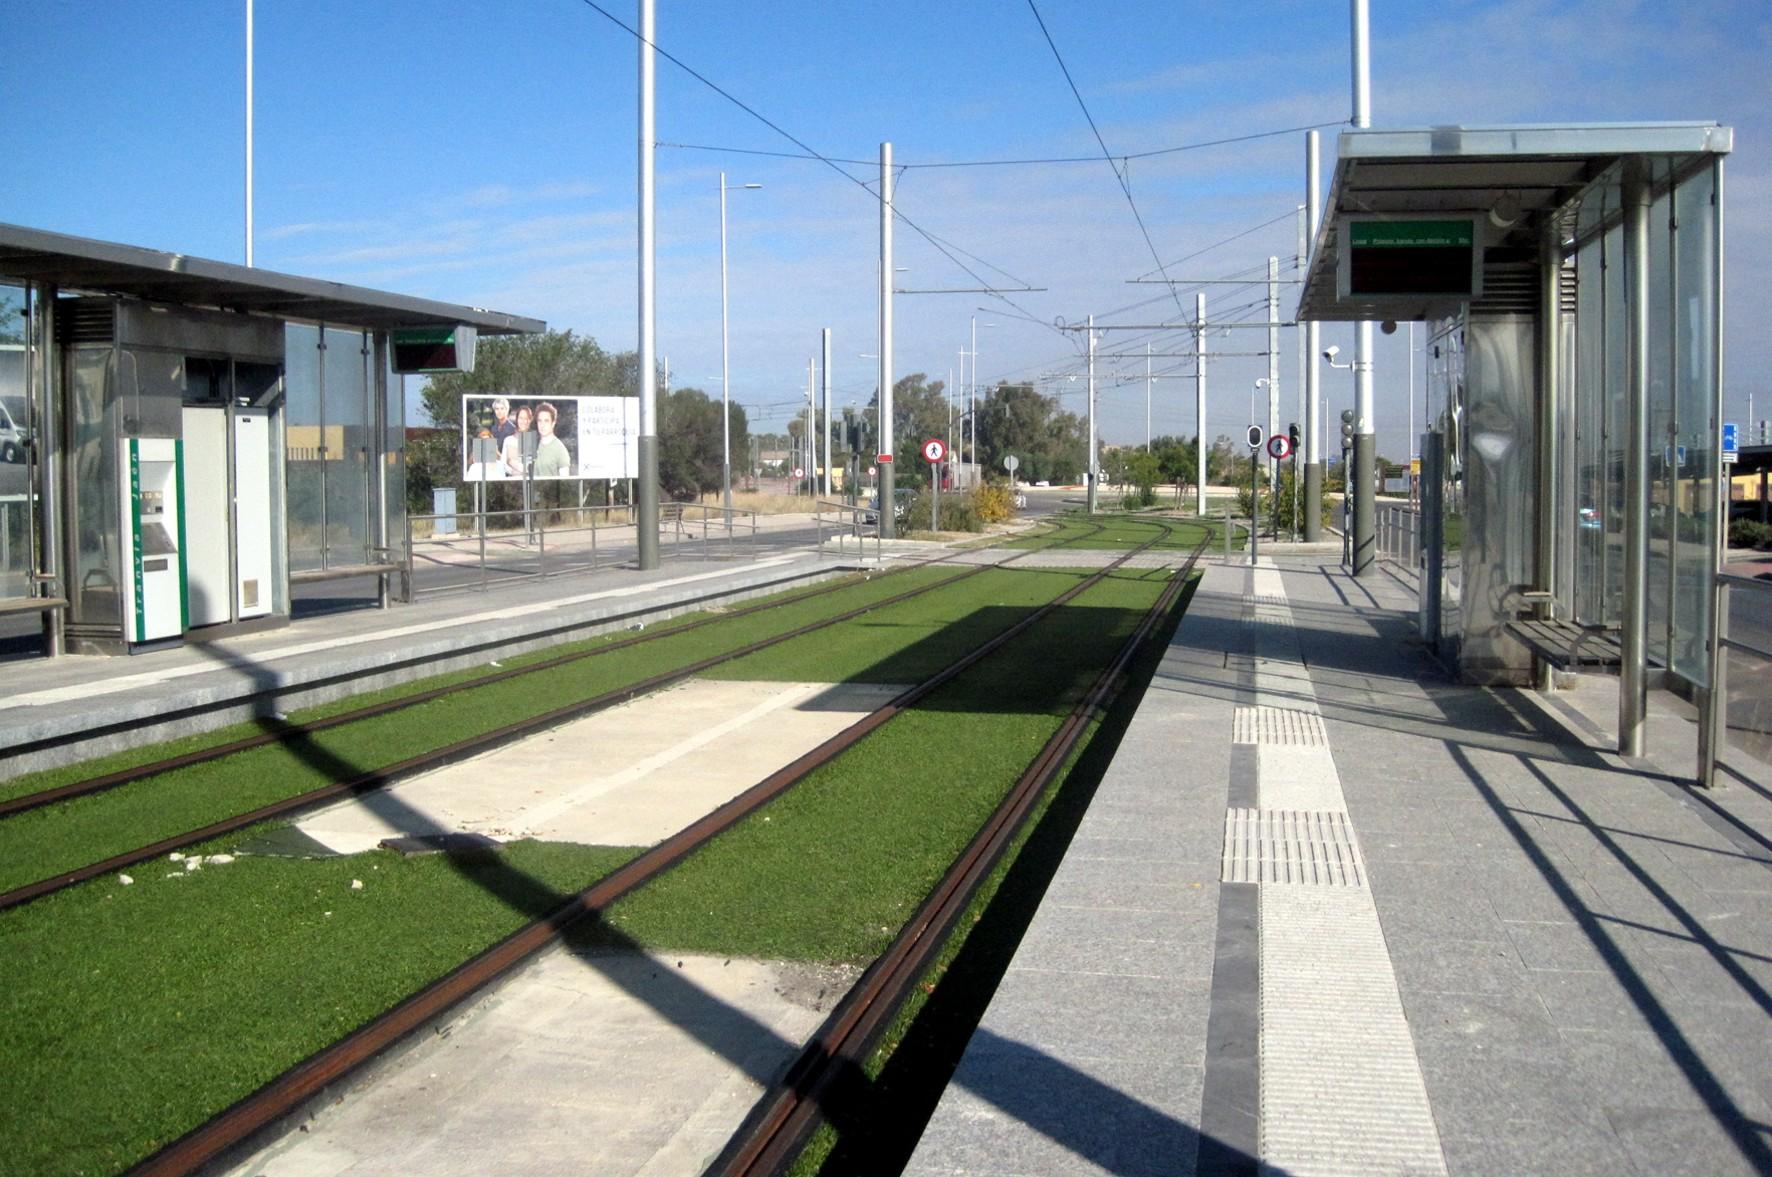 Parada del tranvía de Jaén cerca de las cocheras.